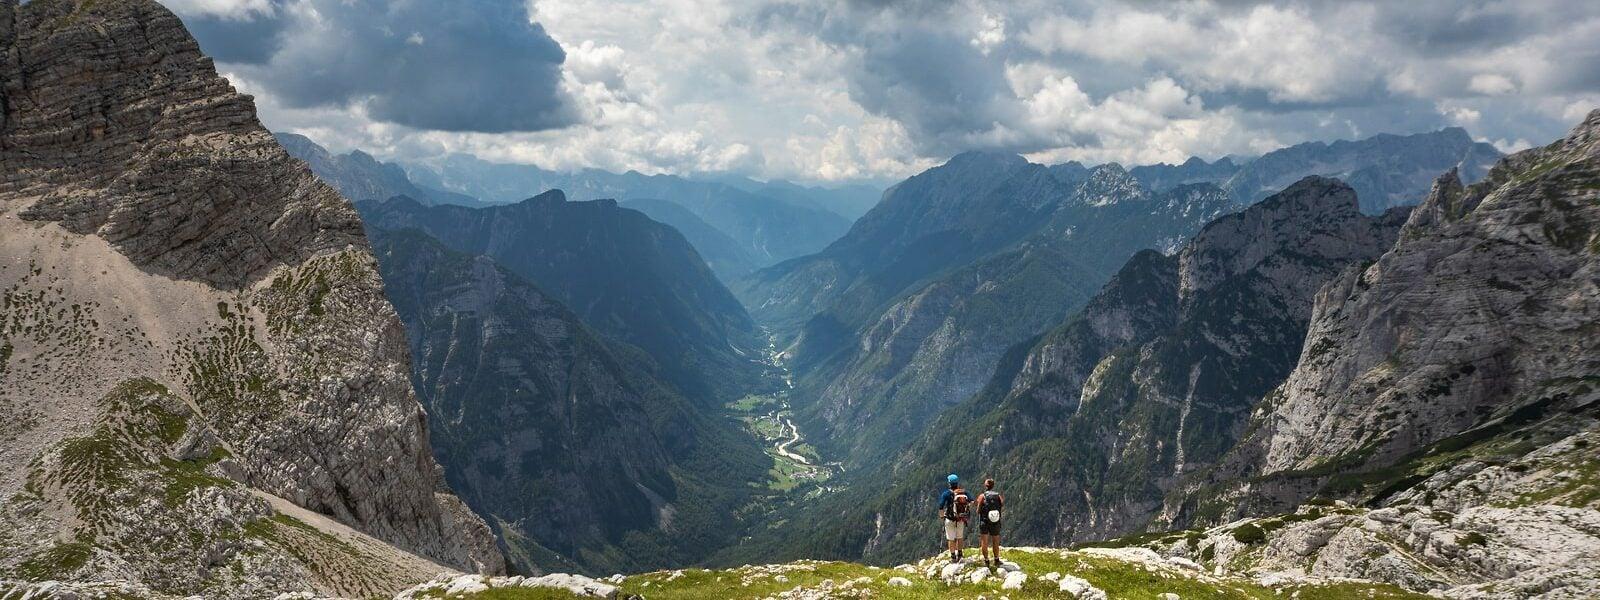 Hiking Alpe Adria Trail